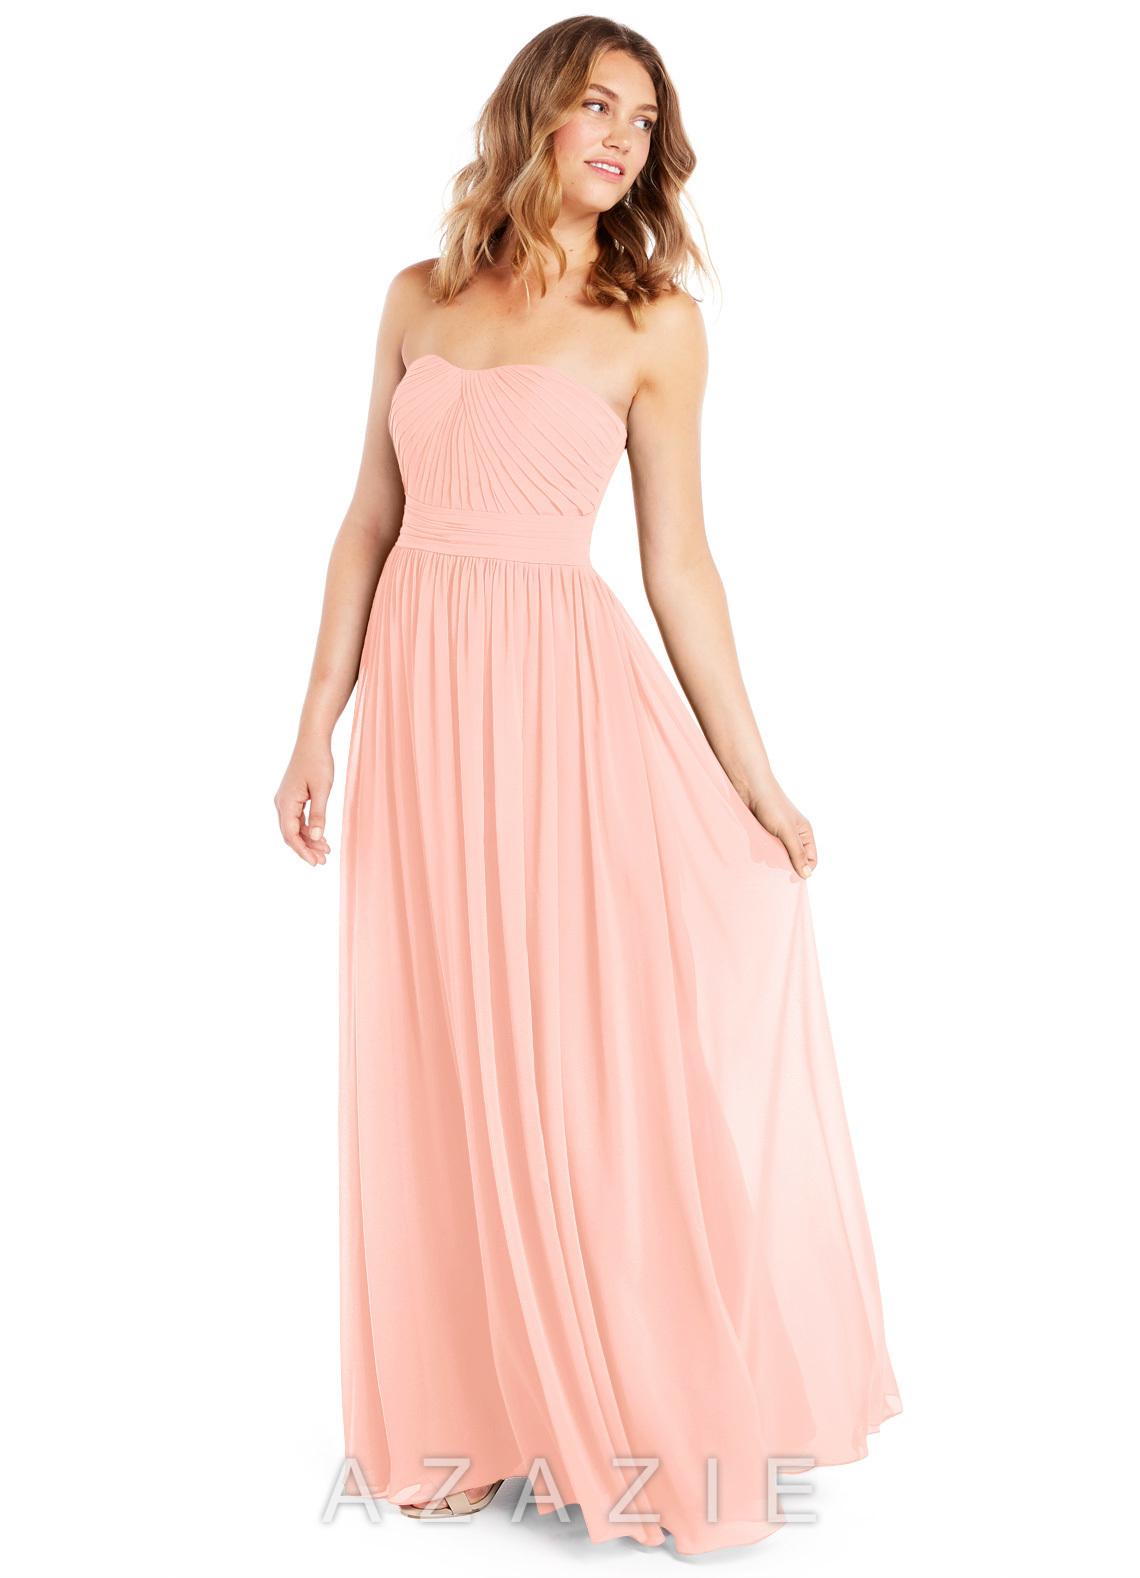 7ef4cef61e3 Azazie Milagros Bridesmaid Dress